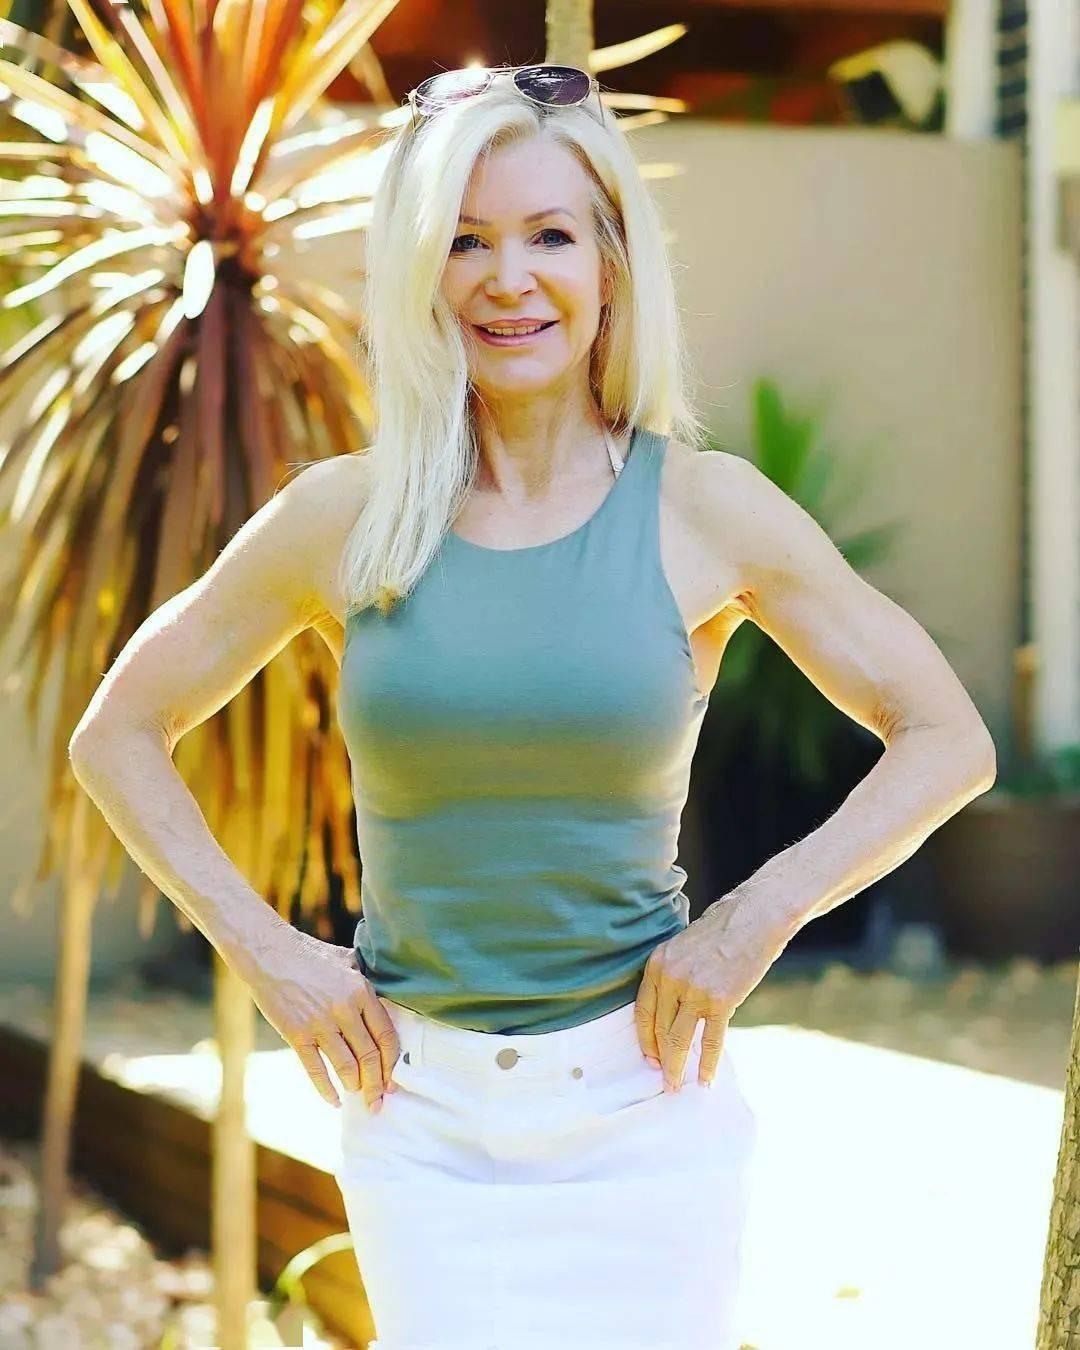 她48岁开始健身,64岁时身材如20岁少女,撸铁16年! 中级健身 第47张